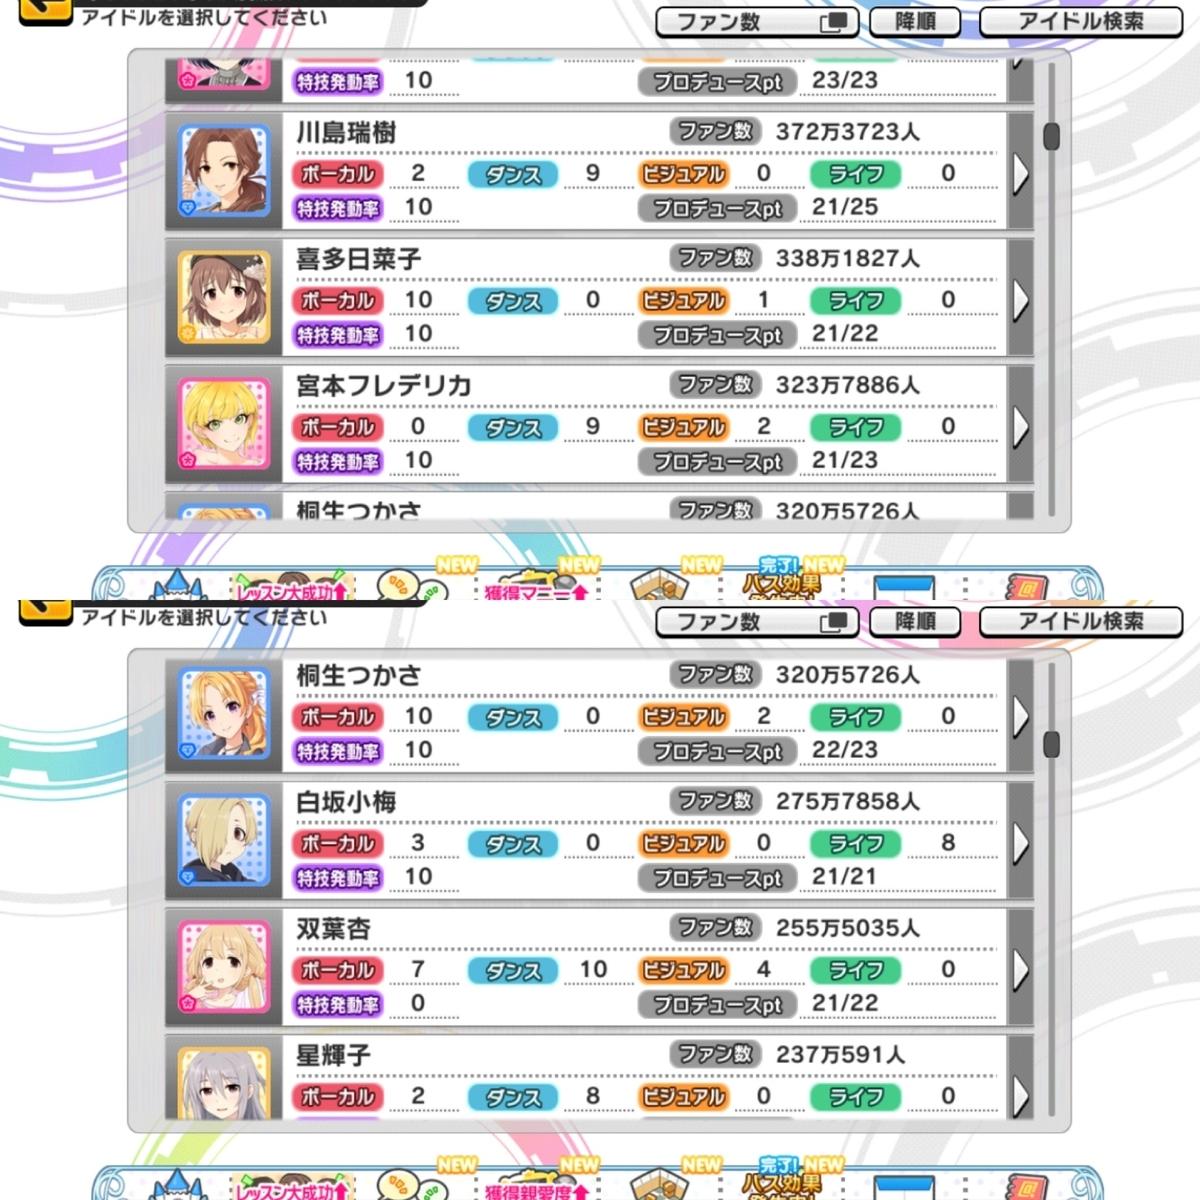 f:id:Kotoha-P_mtf:20211010154935j:plain